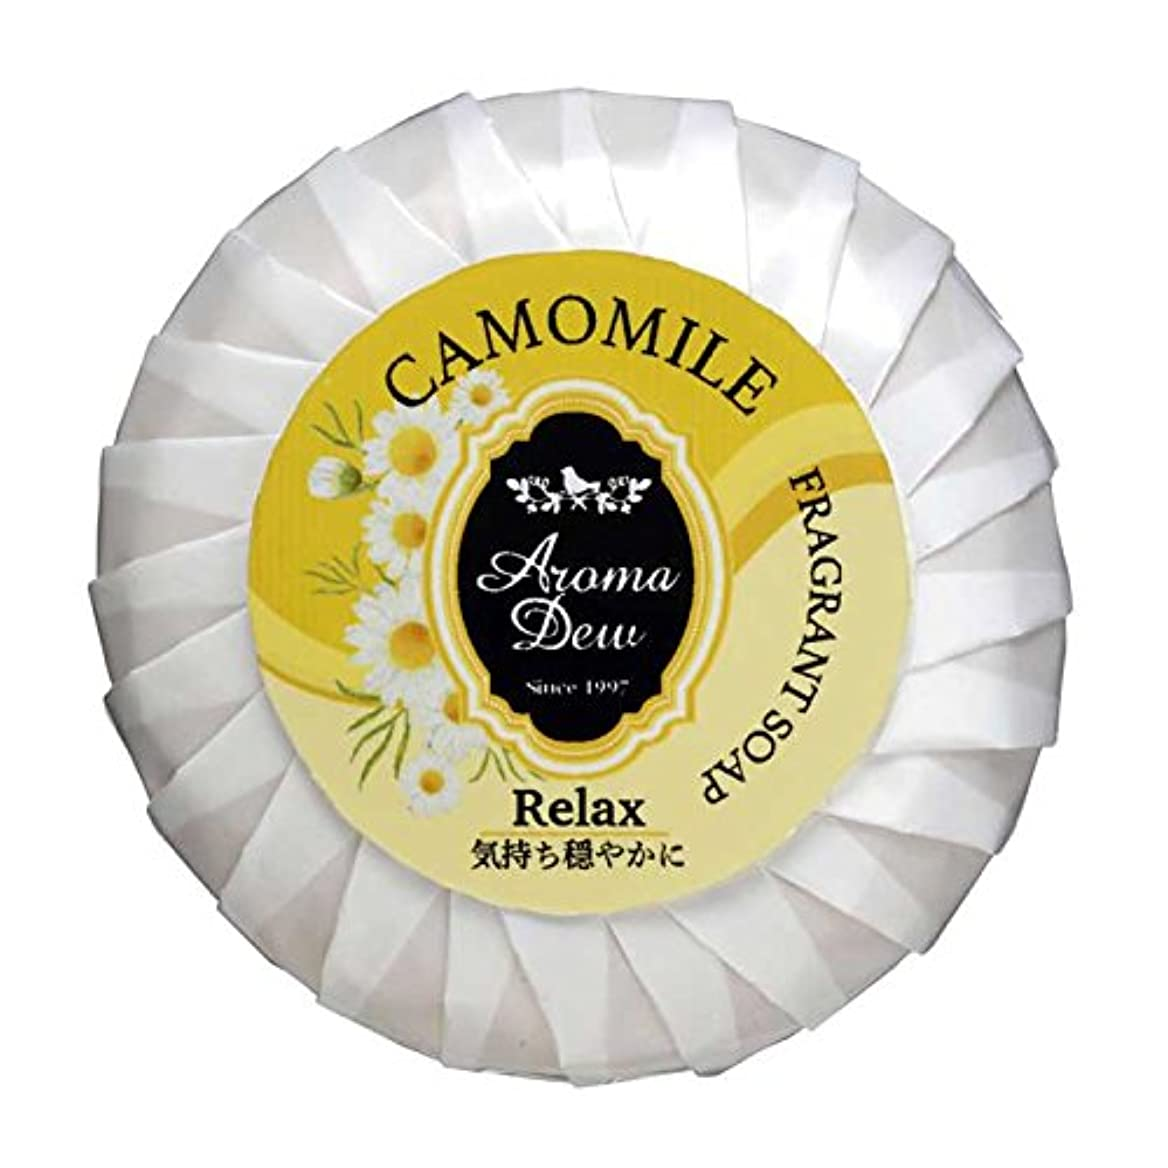 フレームワーク彼女は先生アロマデュウ フレグラントソープ カモミールの香り 100g